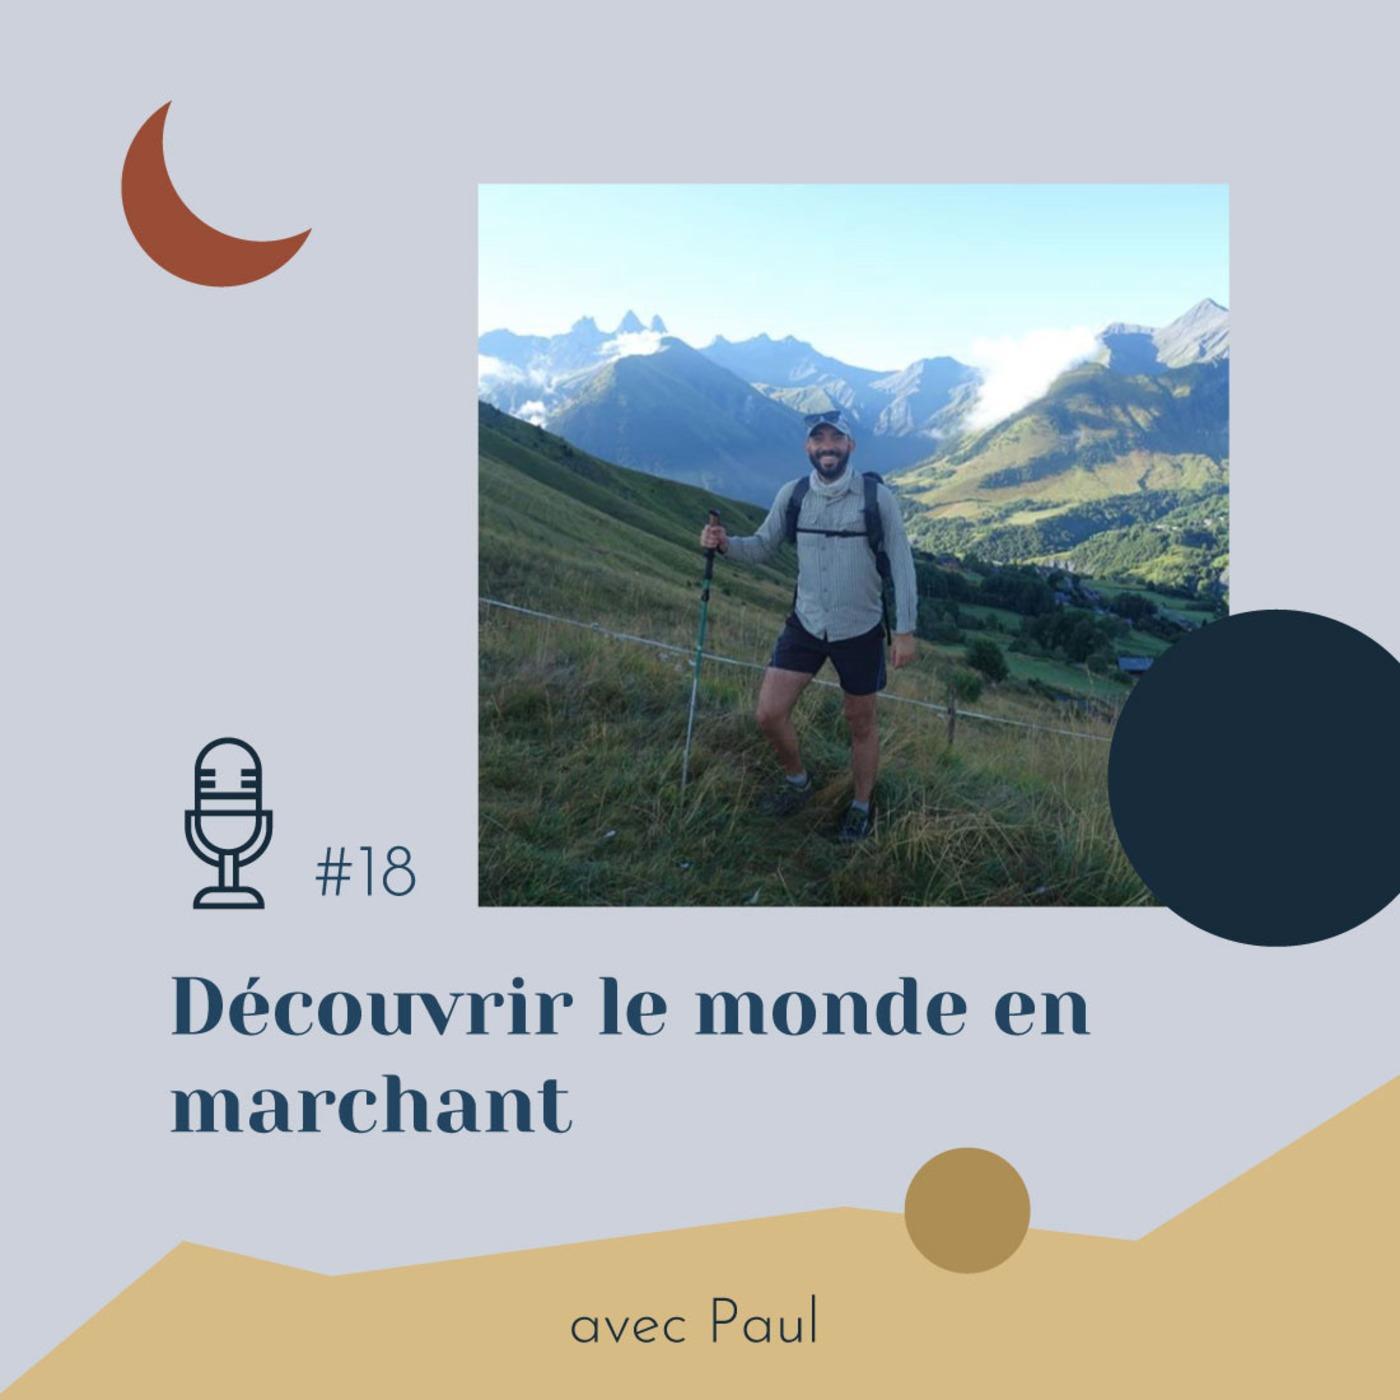 #18 | Découvrir le monde en marchant - Avec Paul